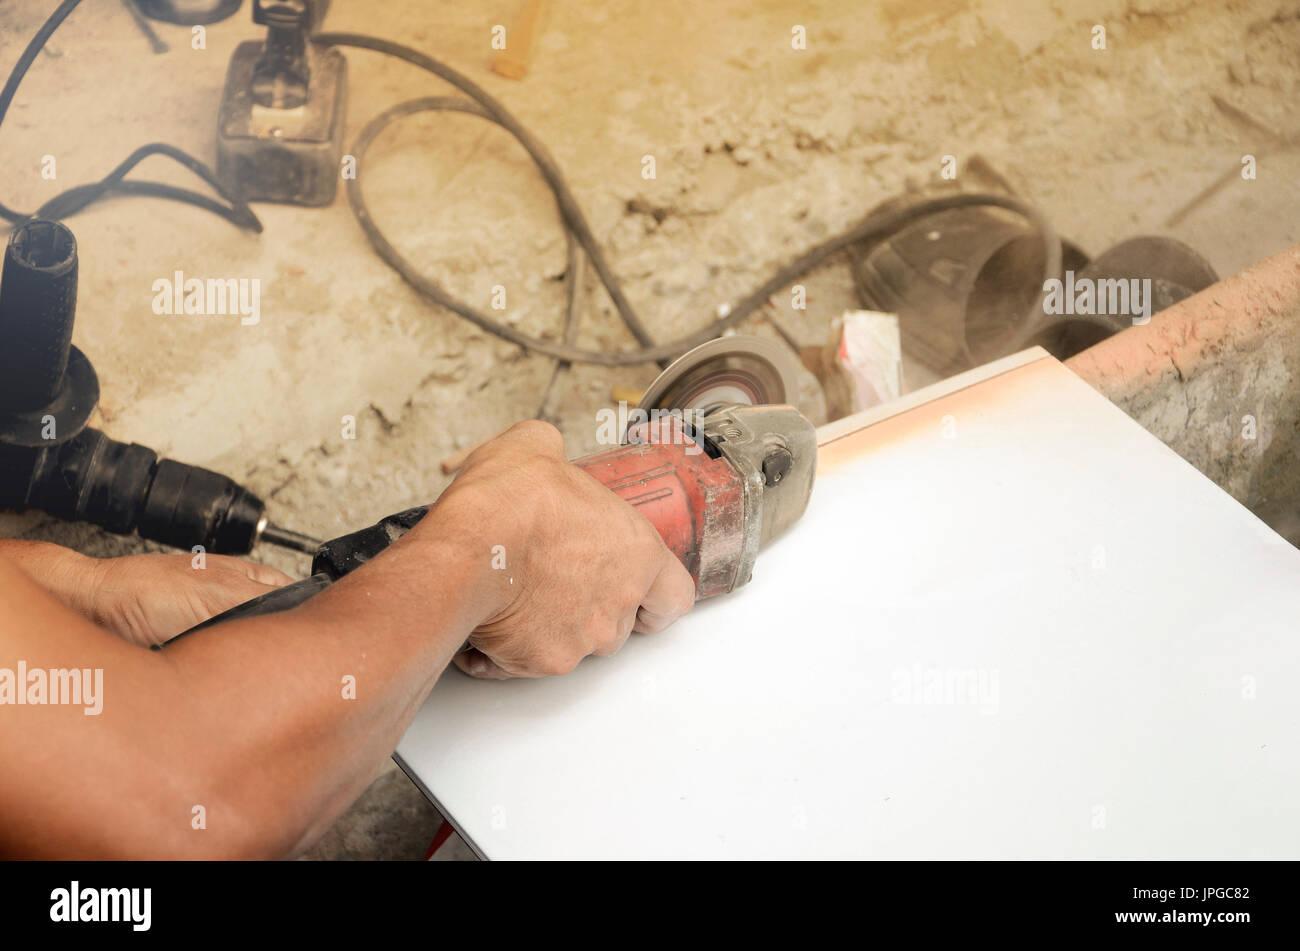 home renovierung. fliesen schneiden und bodenbelag stockfoto, bild